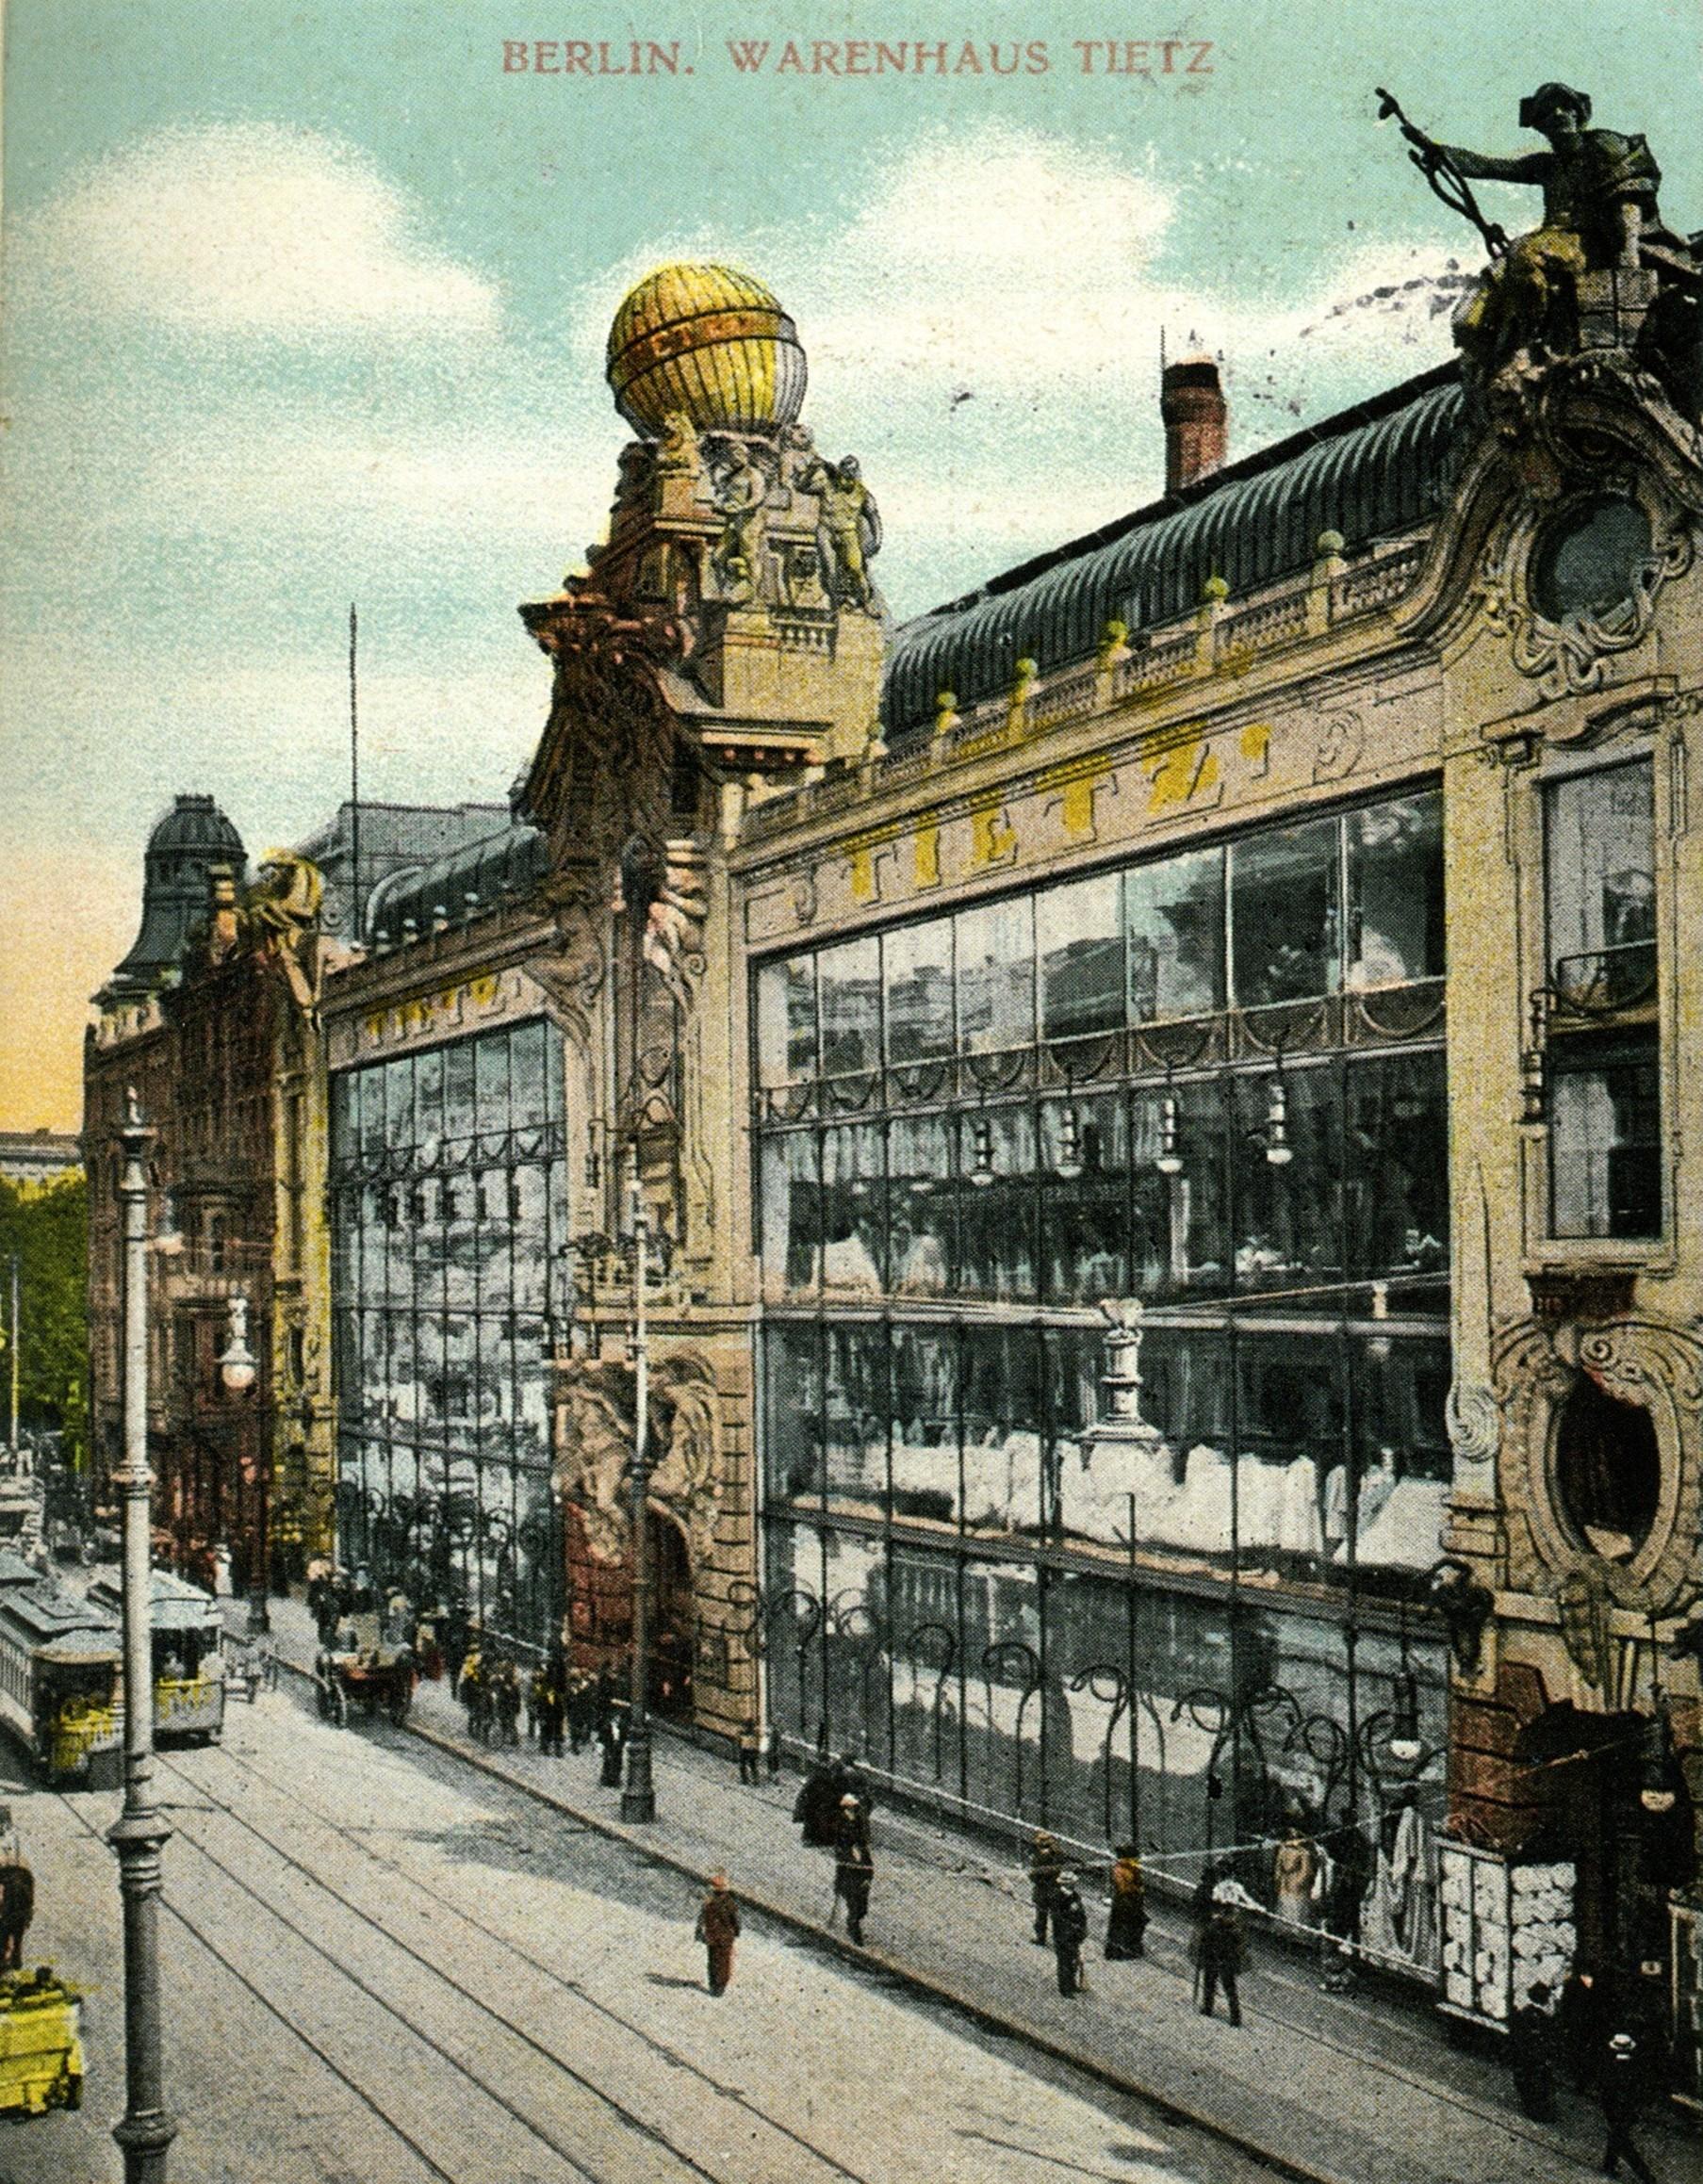 Eine der ersten Hertie-Filialen: Das Warenhaus Tietz in Berlin um 1900.